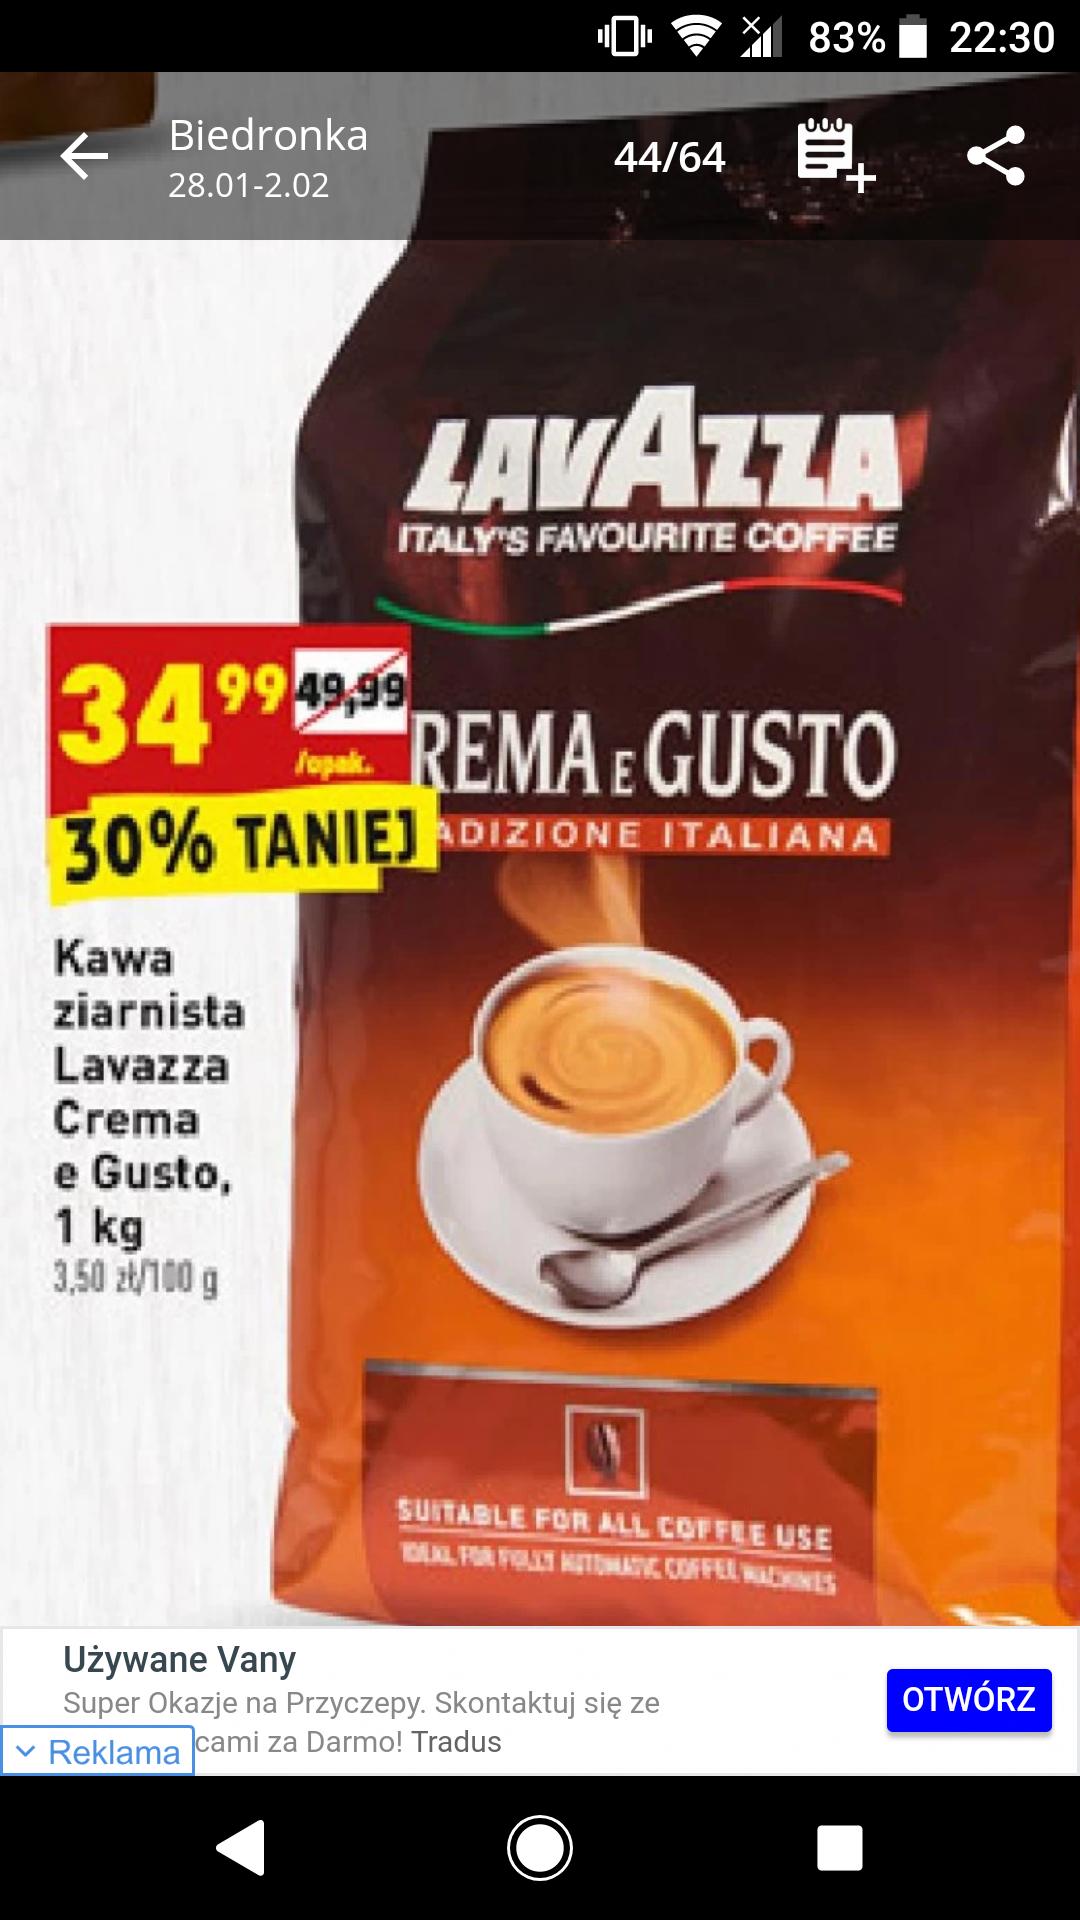 Kawa ziarnista Lavazza crema. Biedronka